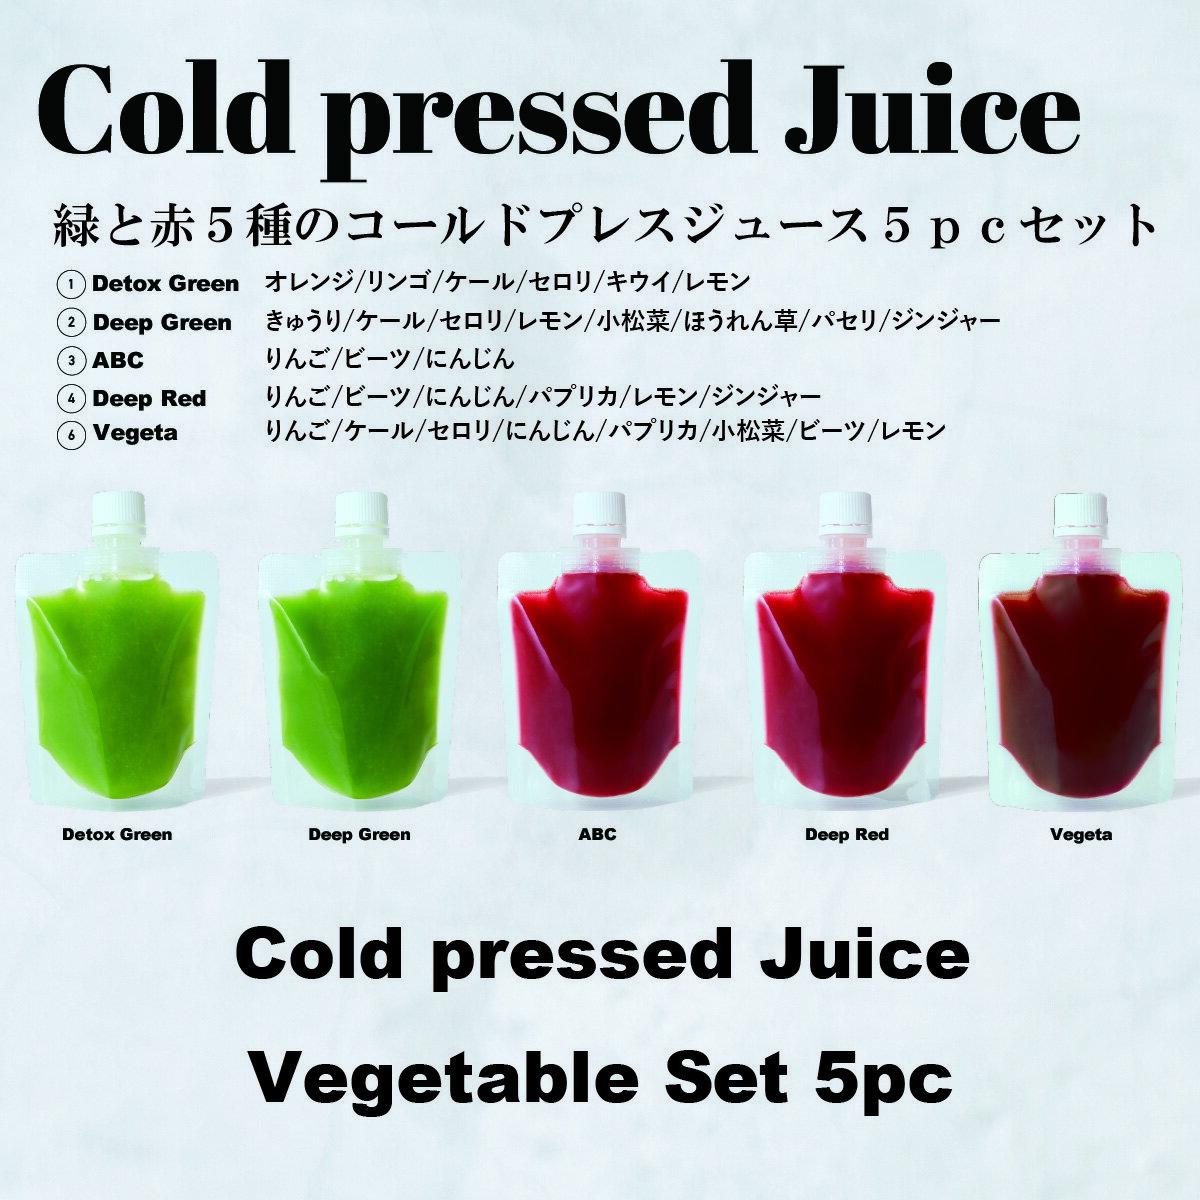 產品詳細資料,Japan Yahoo on behalf of the standard|Japanese shopping service|Japanese wholesale-ibuy99|GoodayJuice コールドプレスジュース ベジタブルセット5パック             …